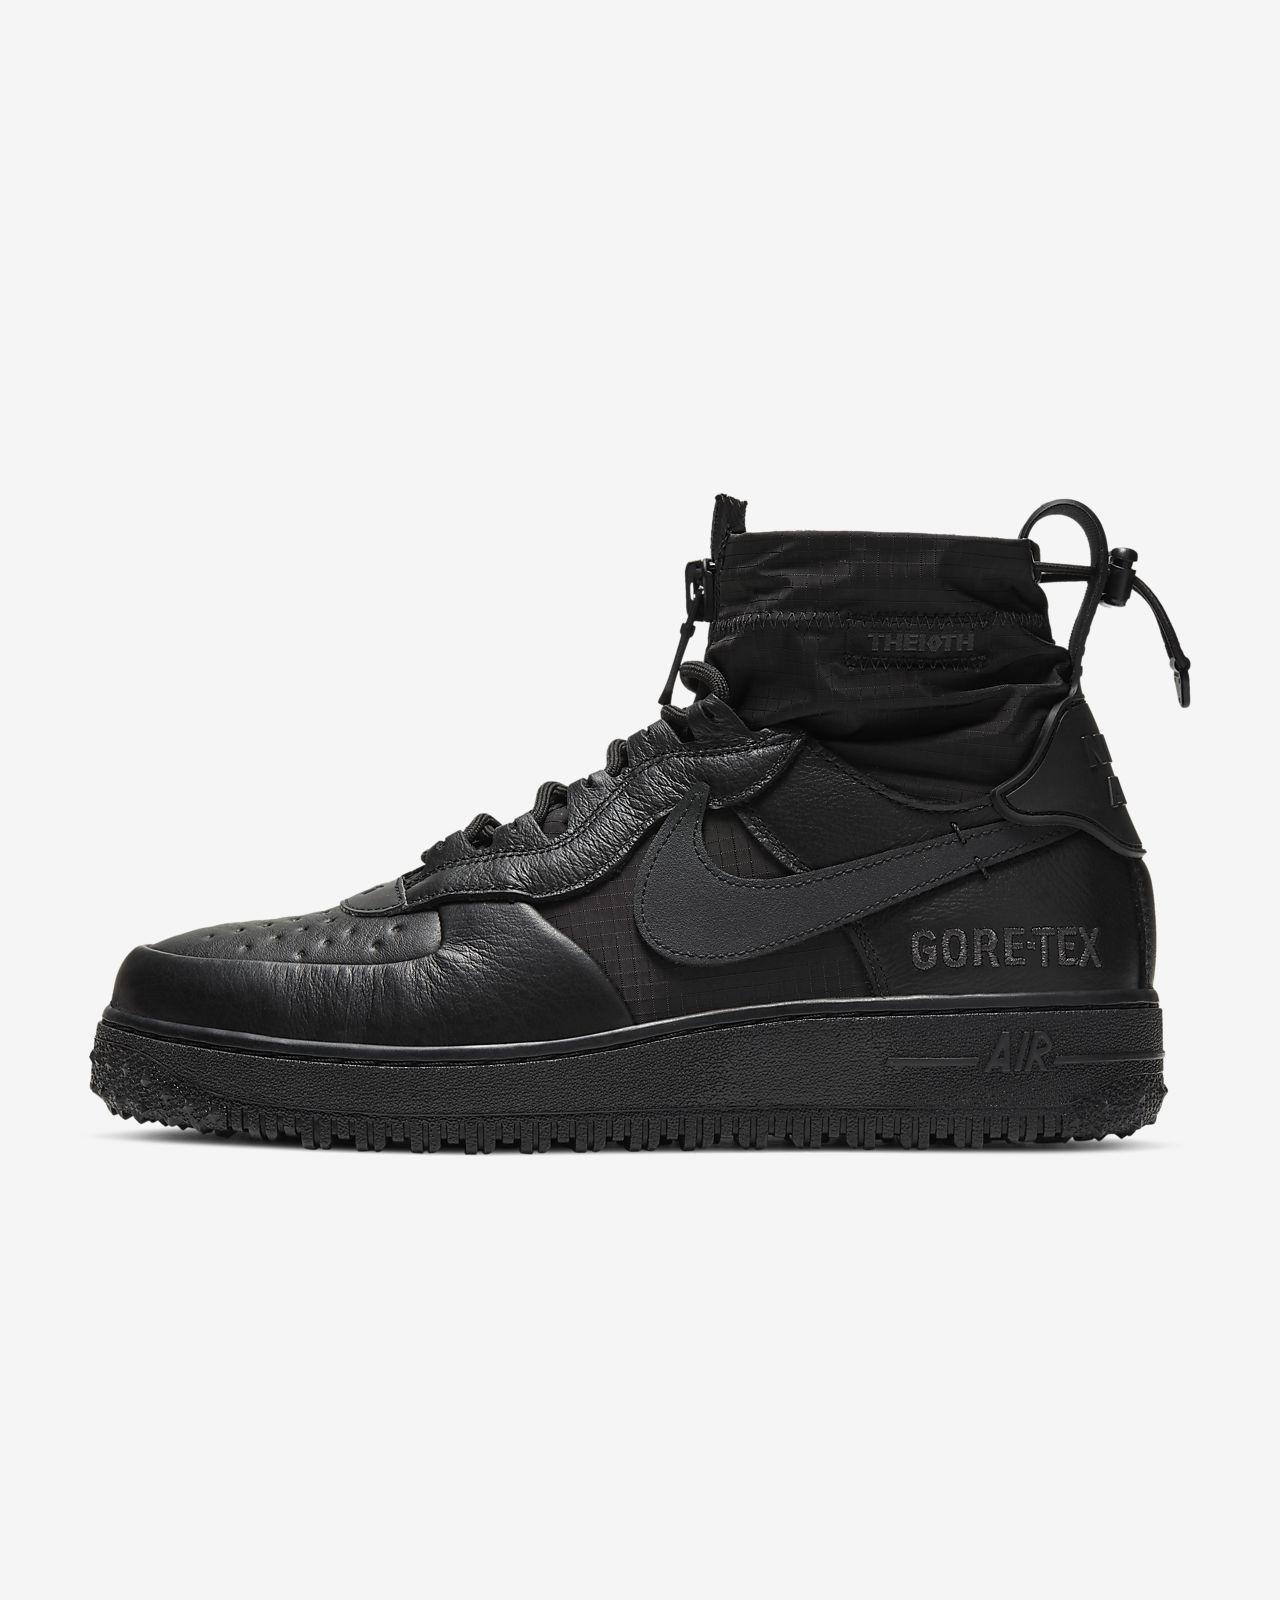 Nike Air Force 1 Winter GORE TEX Schuh